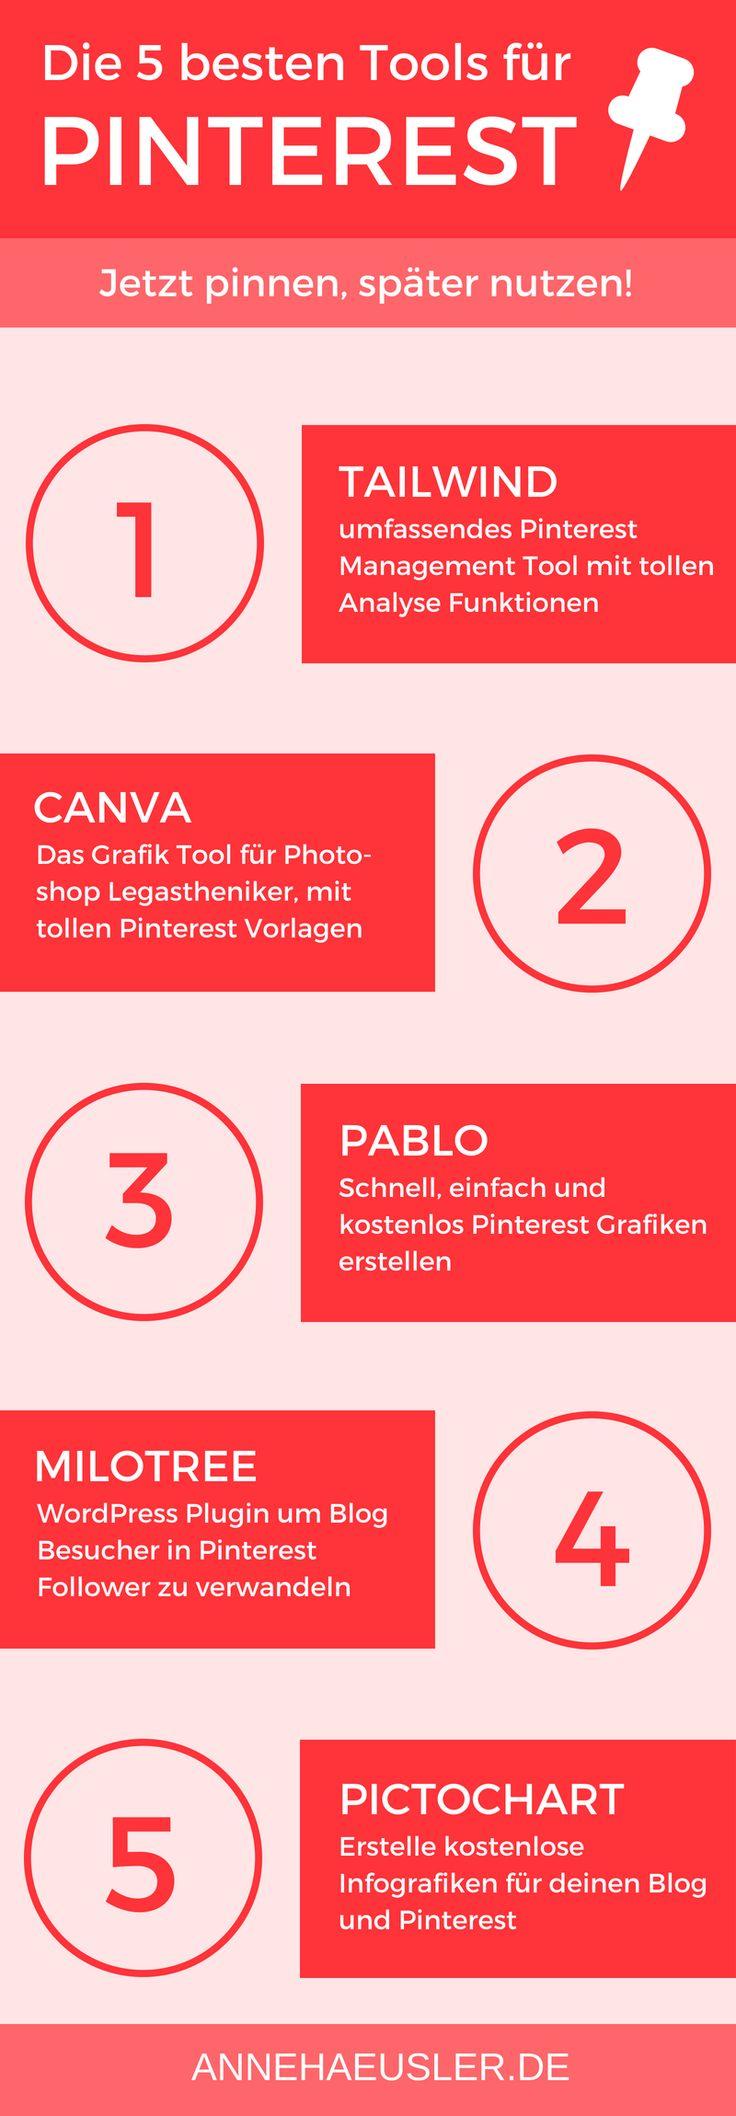 Die 37+ besten Online-Marketing und Blogging Tools – Birgit Hertlein